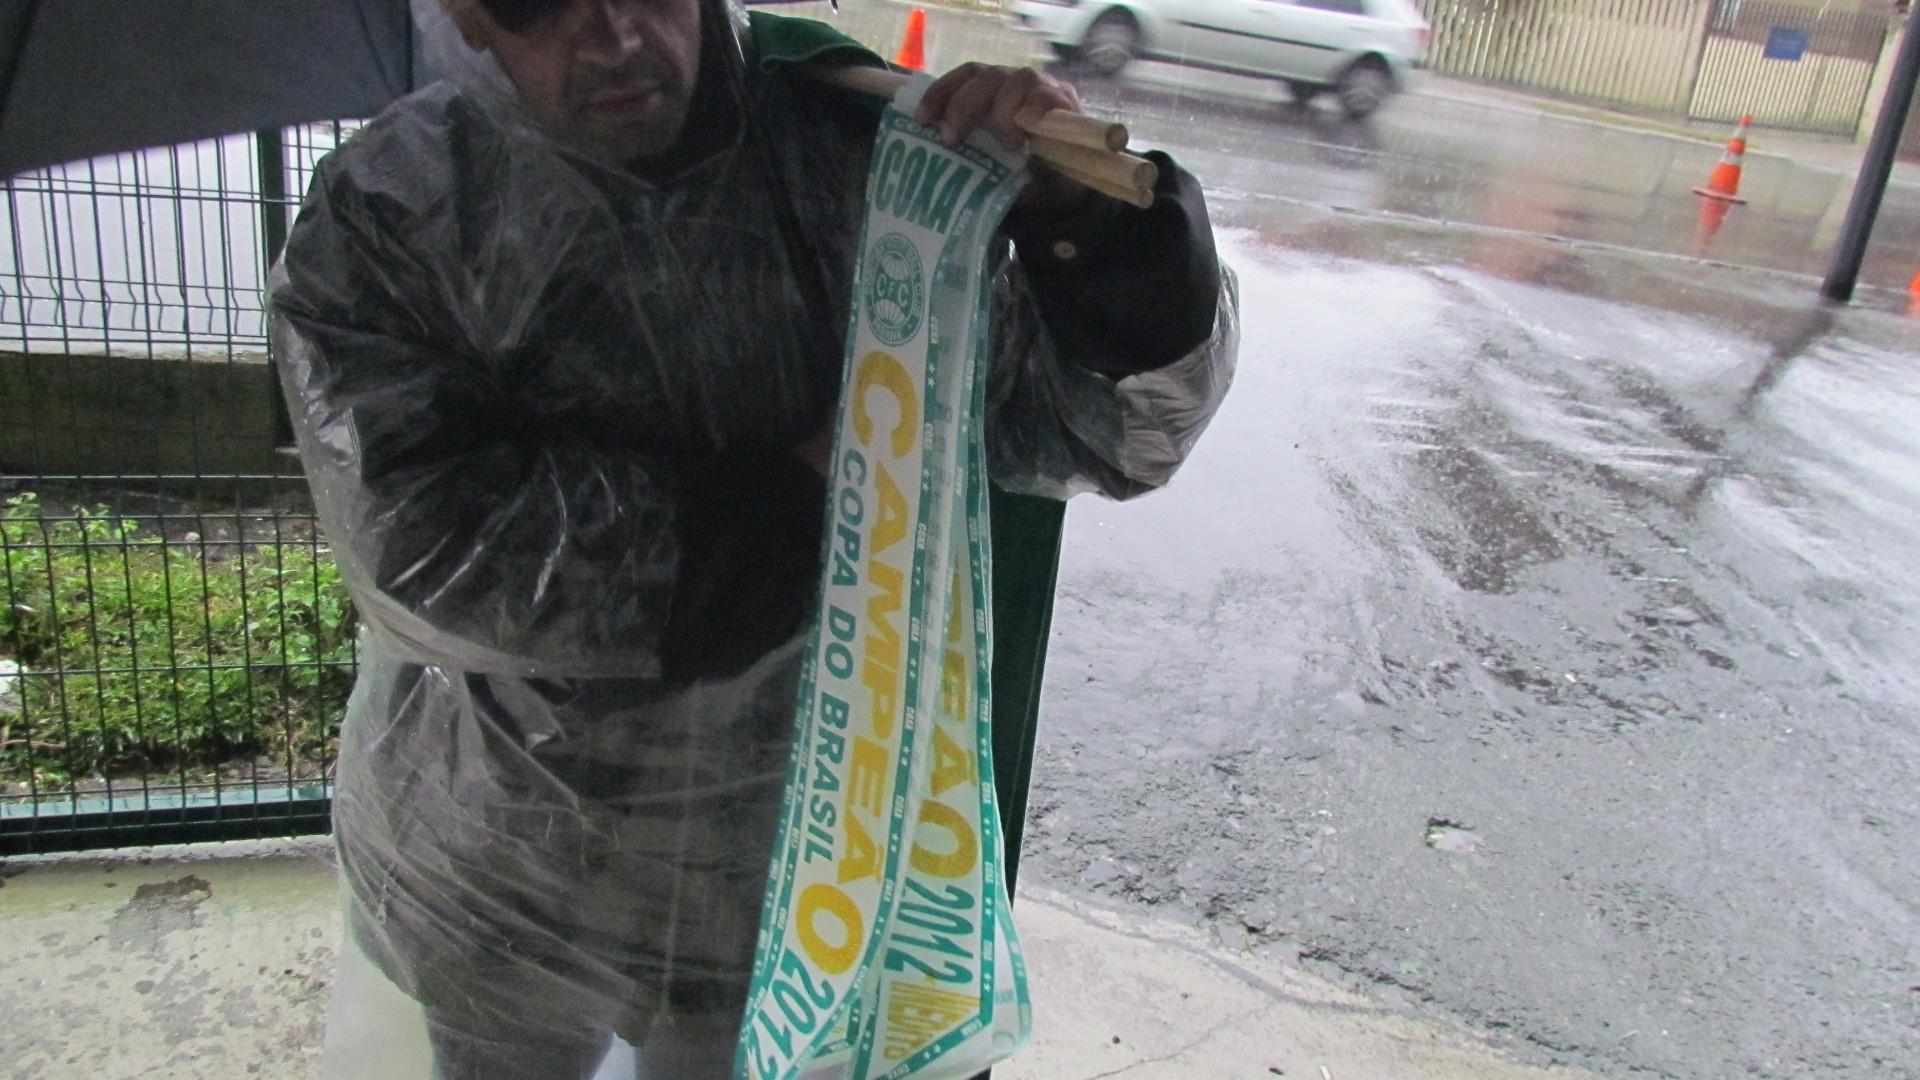 Protegido da chuva, vendedor oferece faixas de campeão do Coritiba